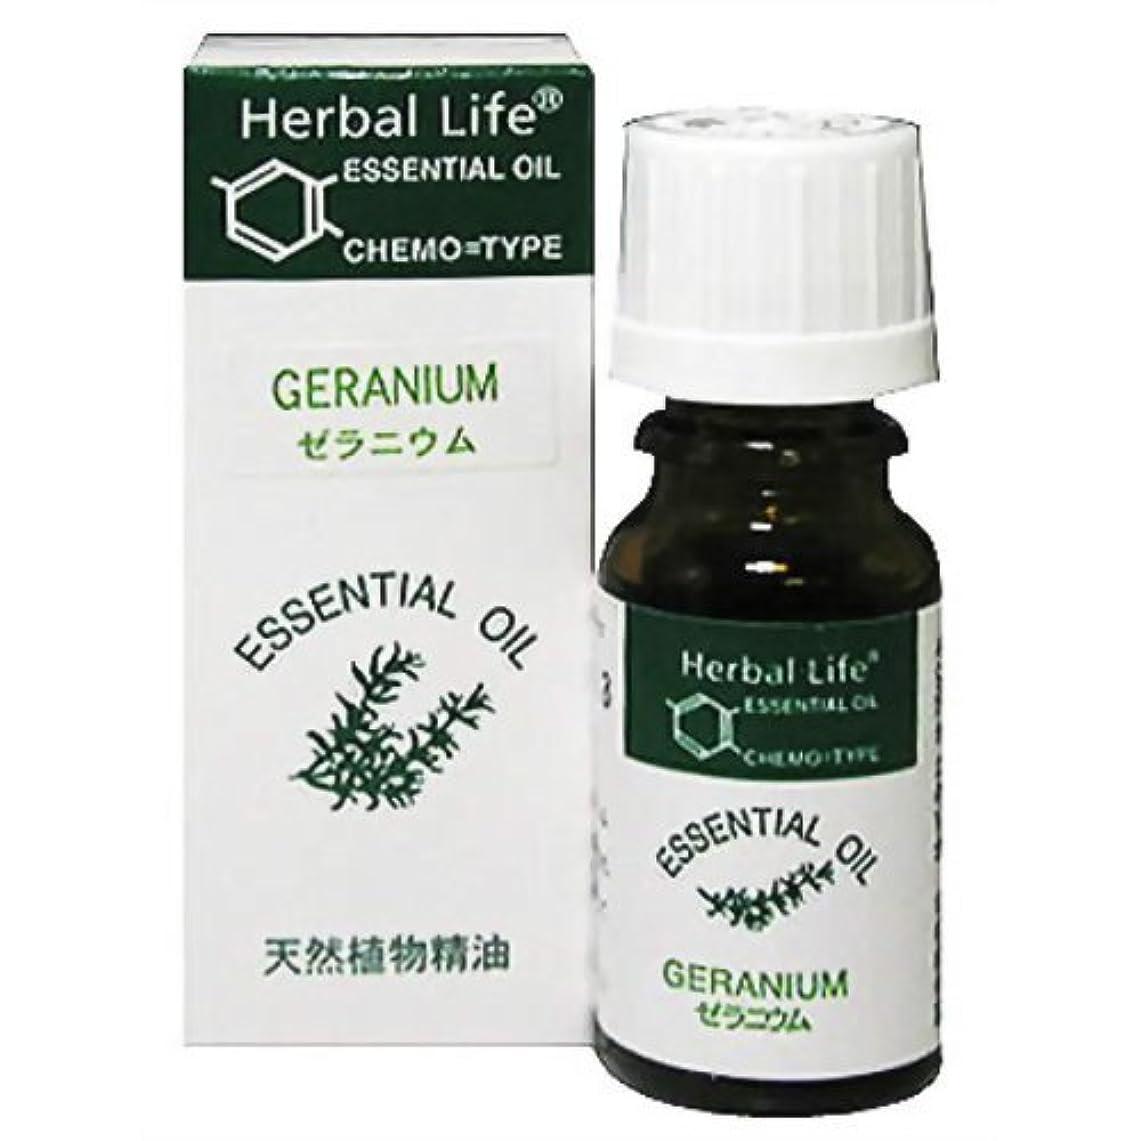 窒素拘束する音声学Herbal Life ゼラニウム 10ml